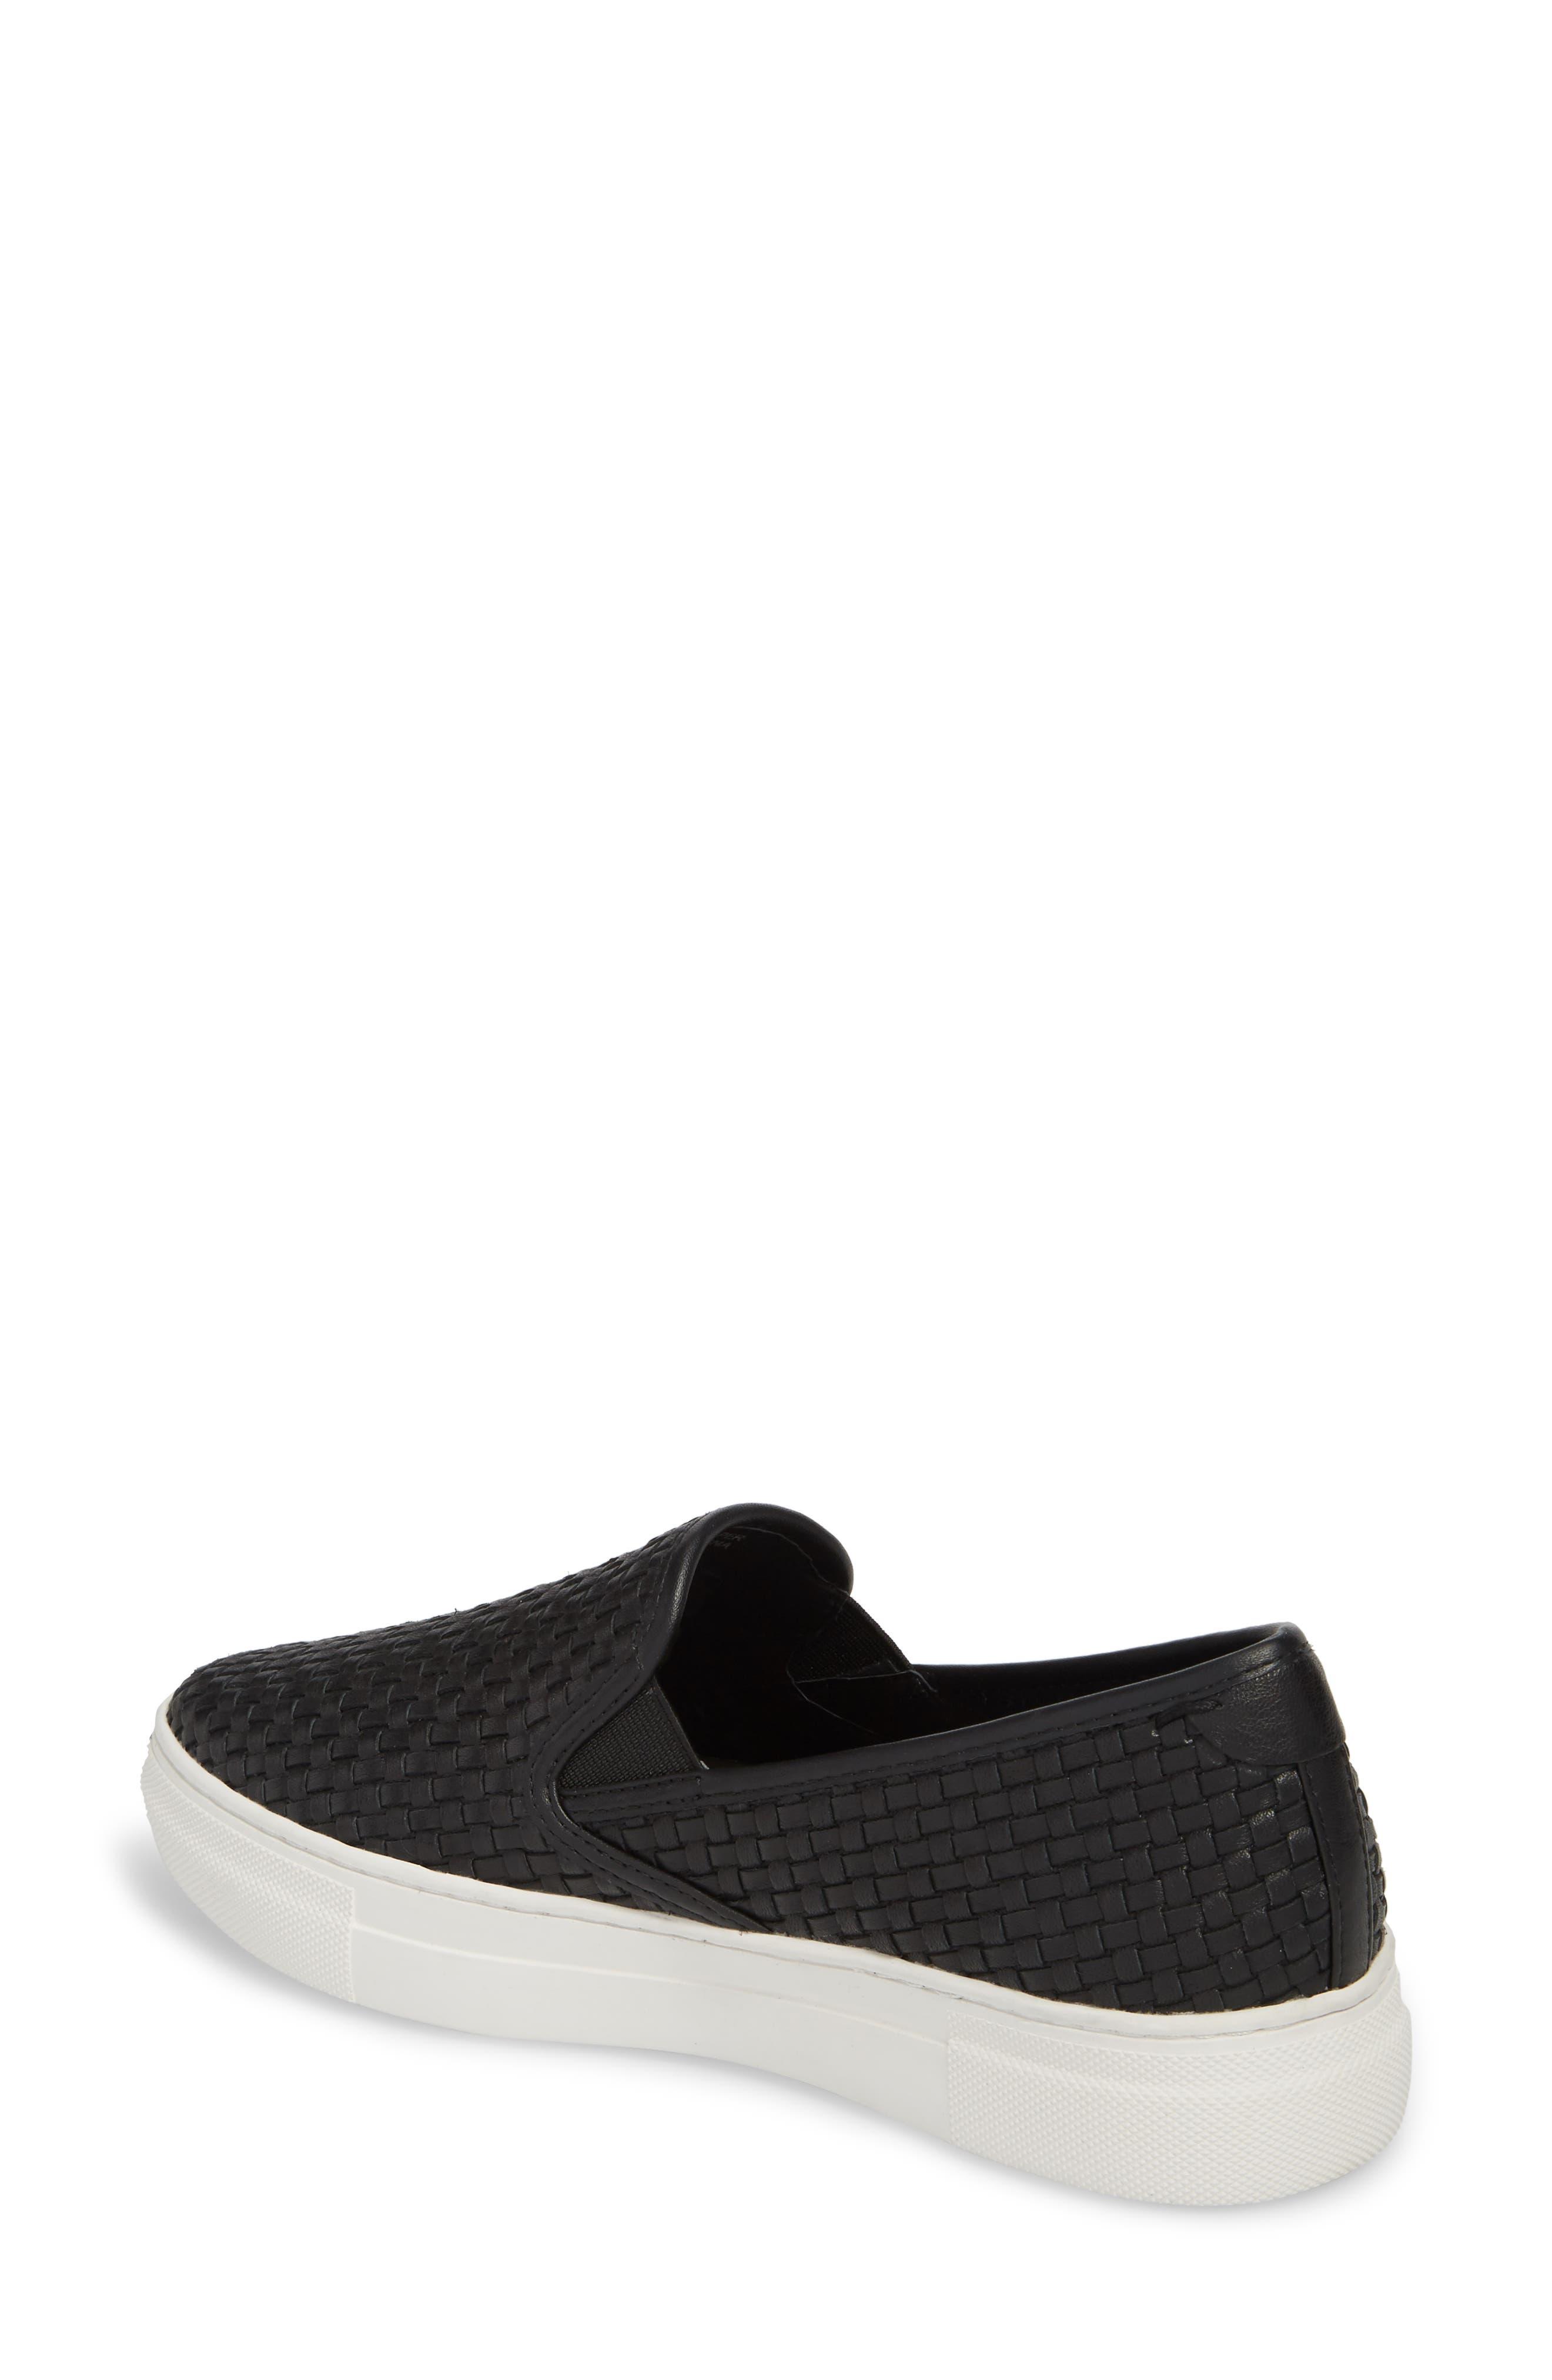 Flynn Slip-On Sneaker,                             Alternate thumbnail 2, color,                             015